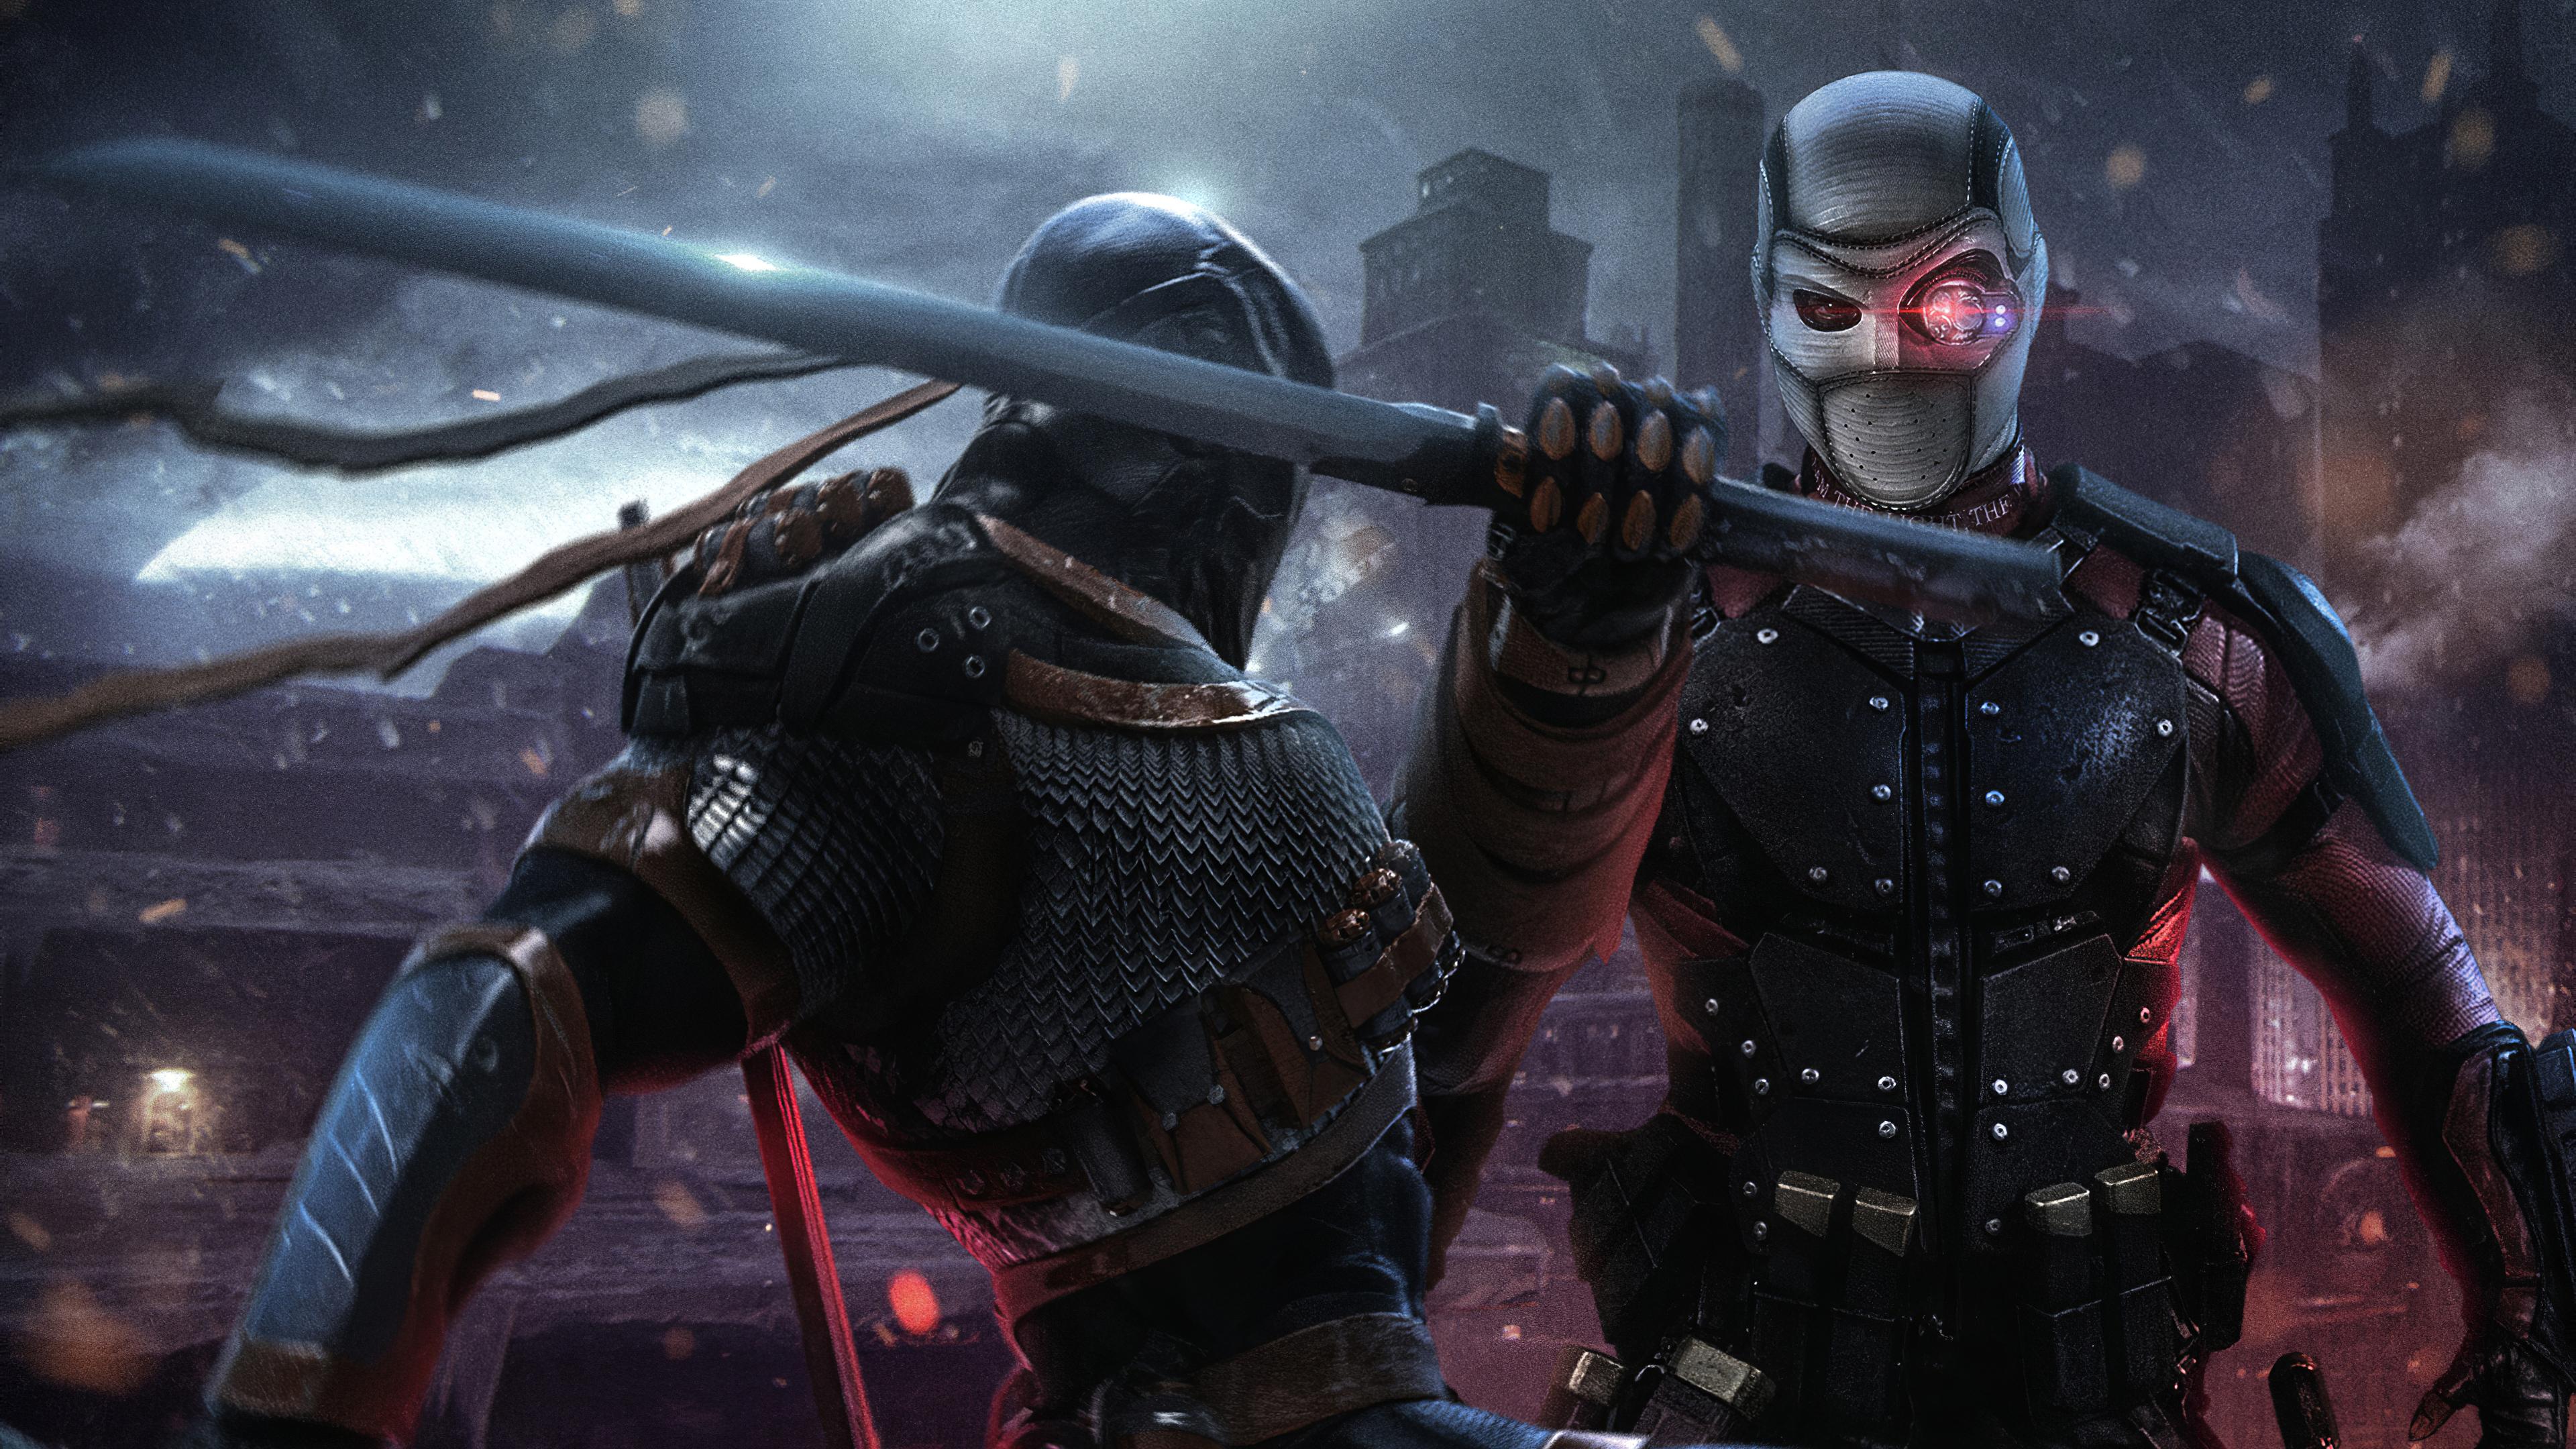 Wallpaper Deathstroke vs Deadshot